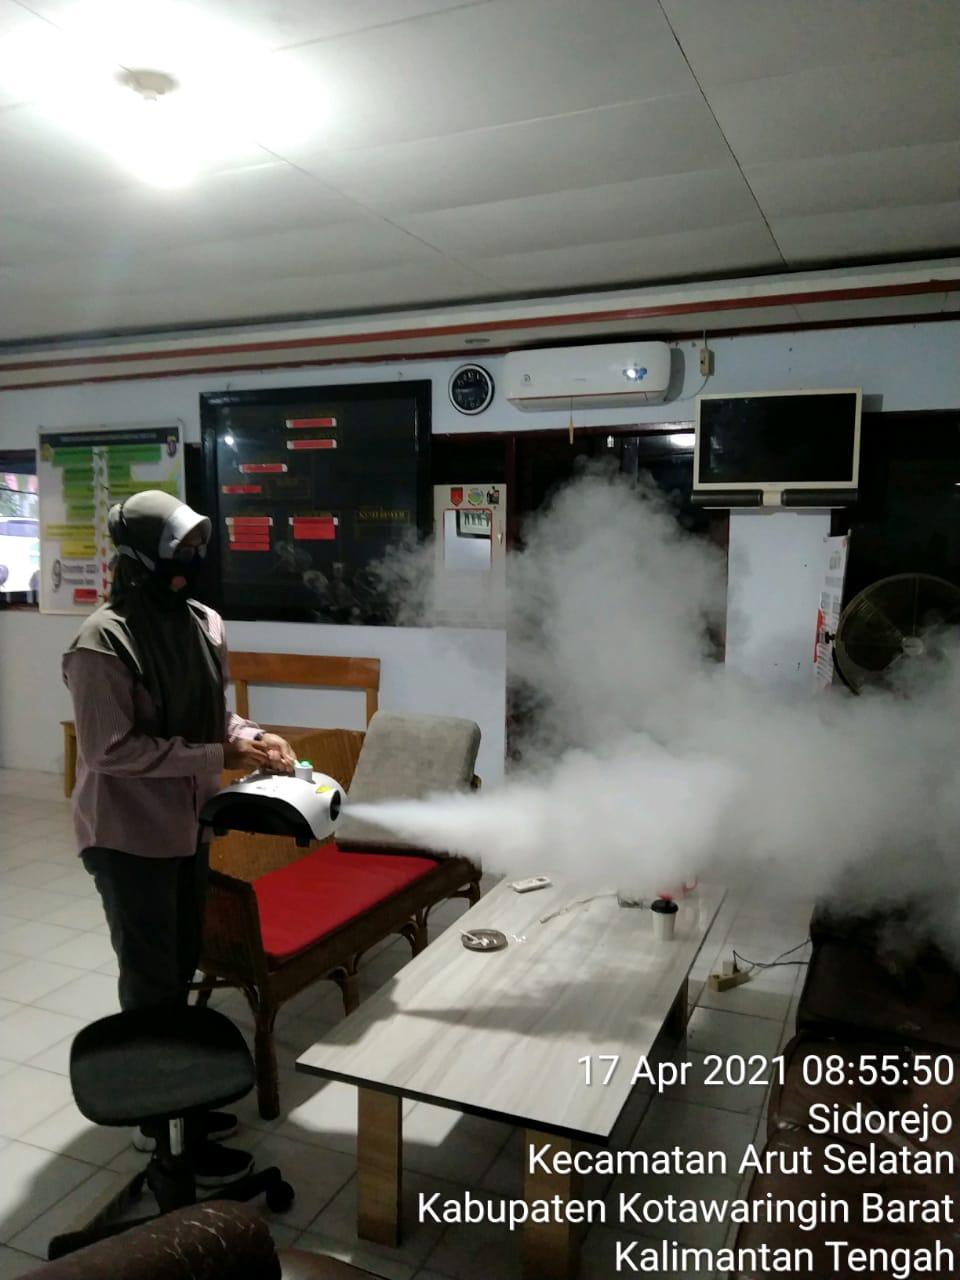 Lakukan Penyemprotan Fogging Disinsfektan Di Ruang Kerja